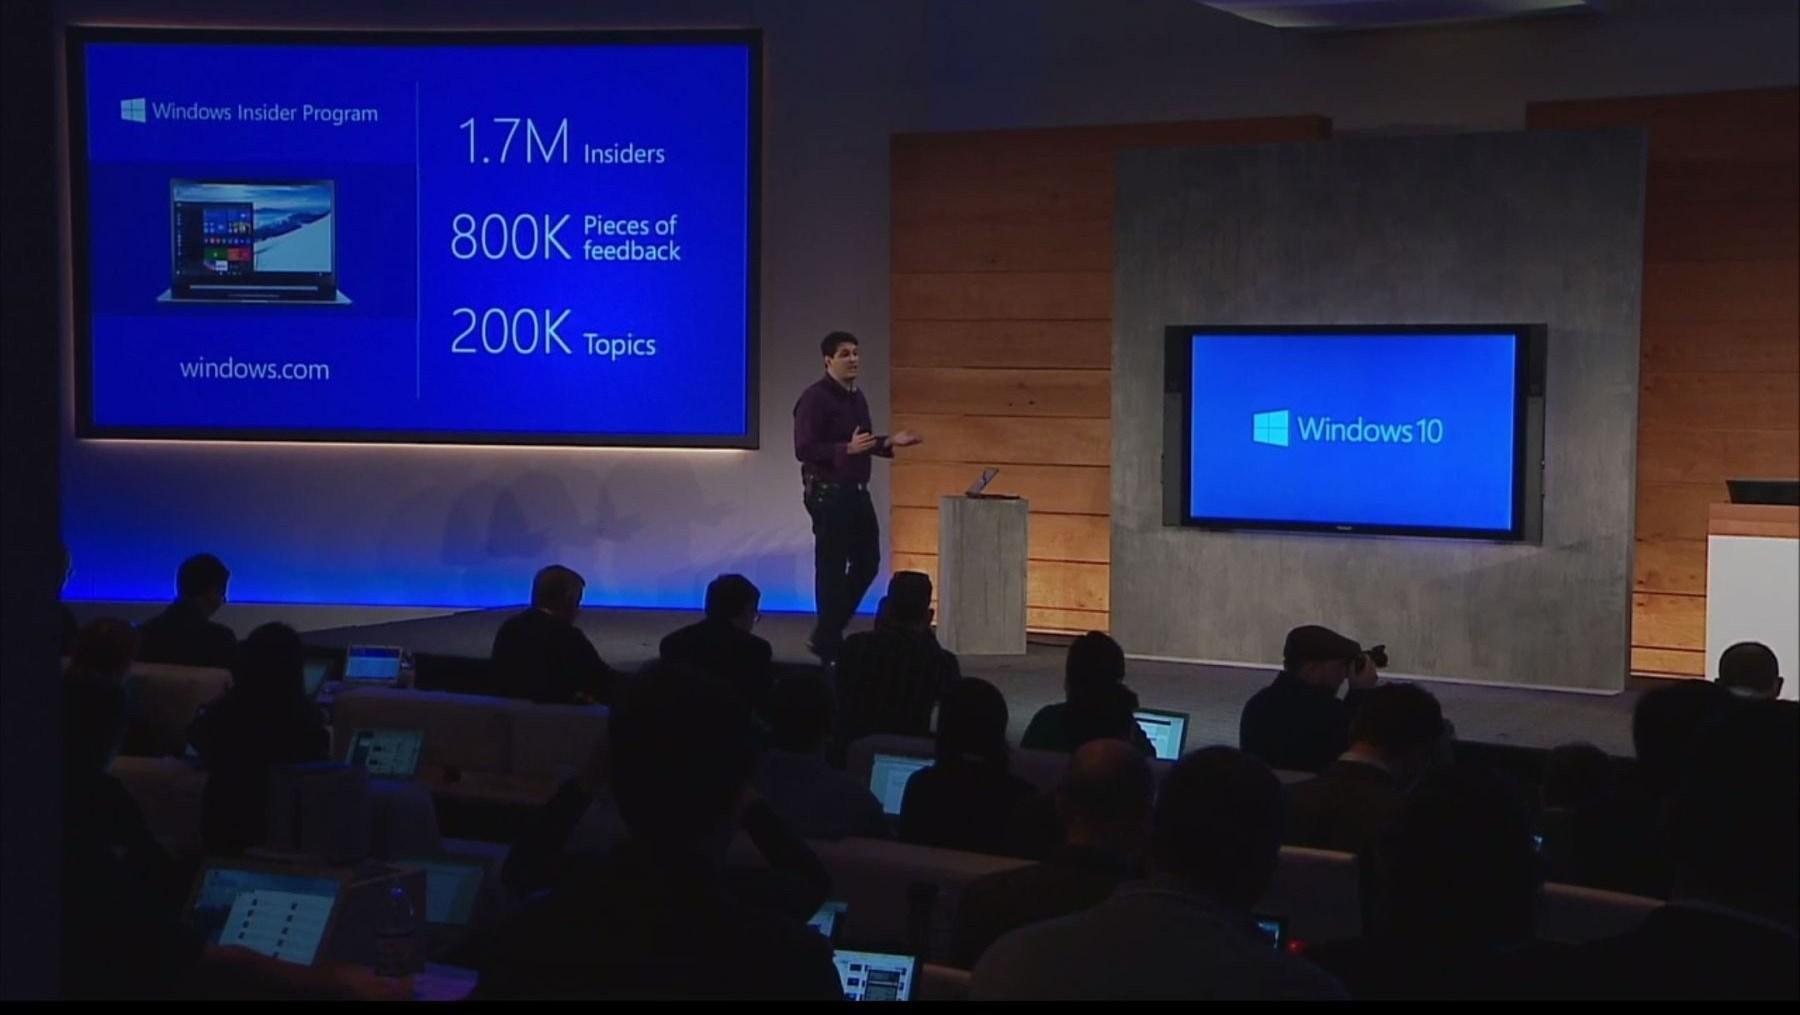 Nach Windows 10-Event meldeten sich 173.624 neue Insider an